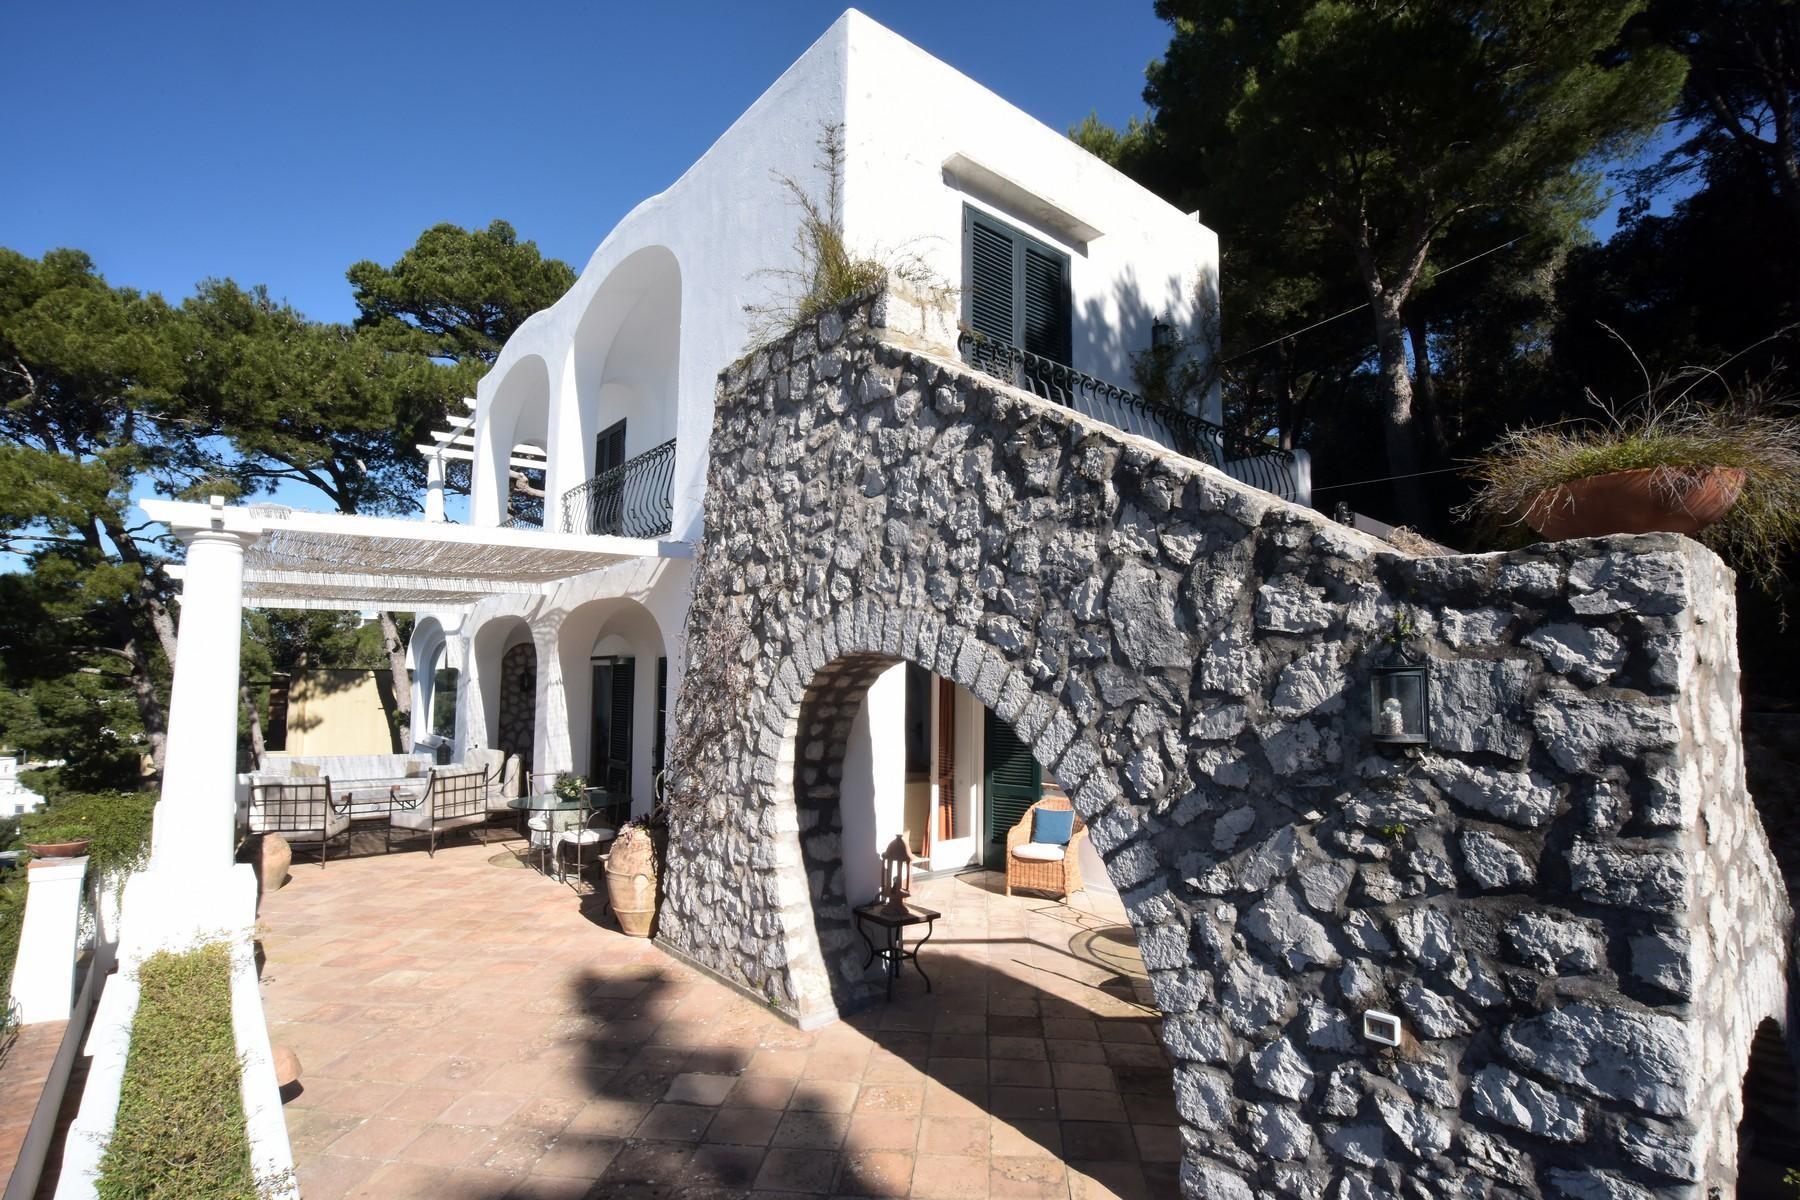 Вилла с панорамными террасами и бассейном в центре легендарного острова Капри, Италия - 11